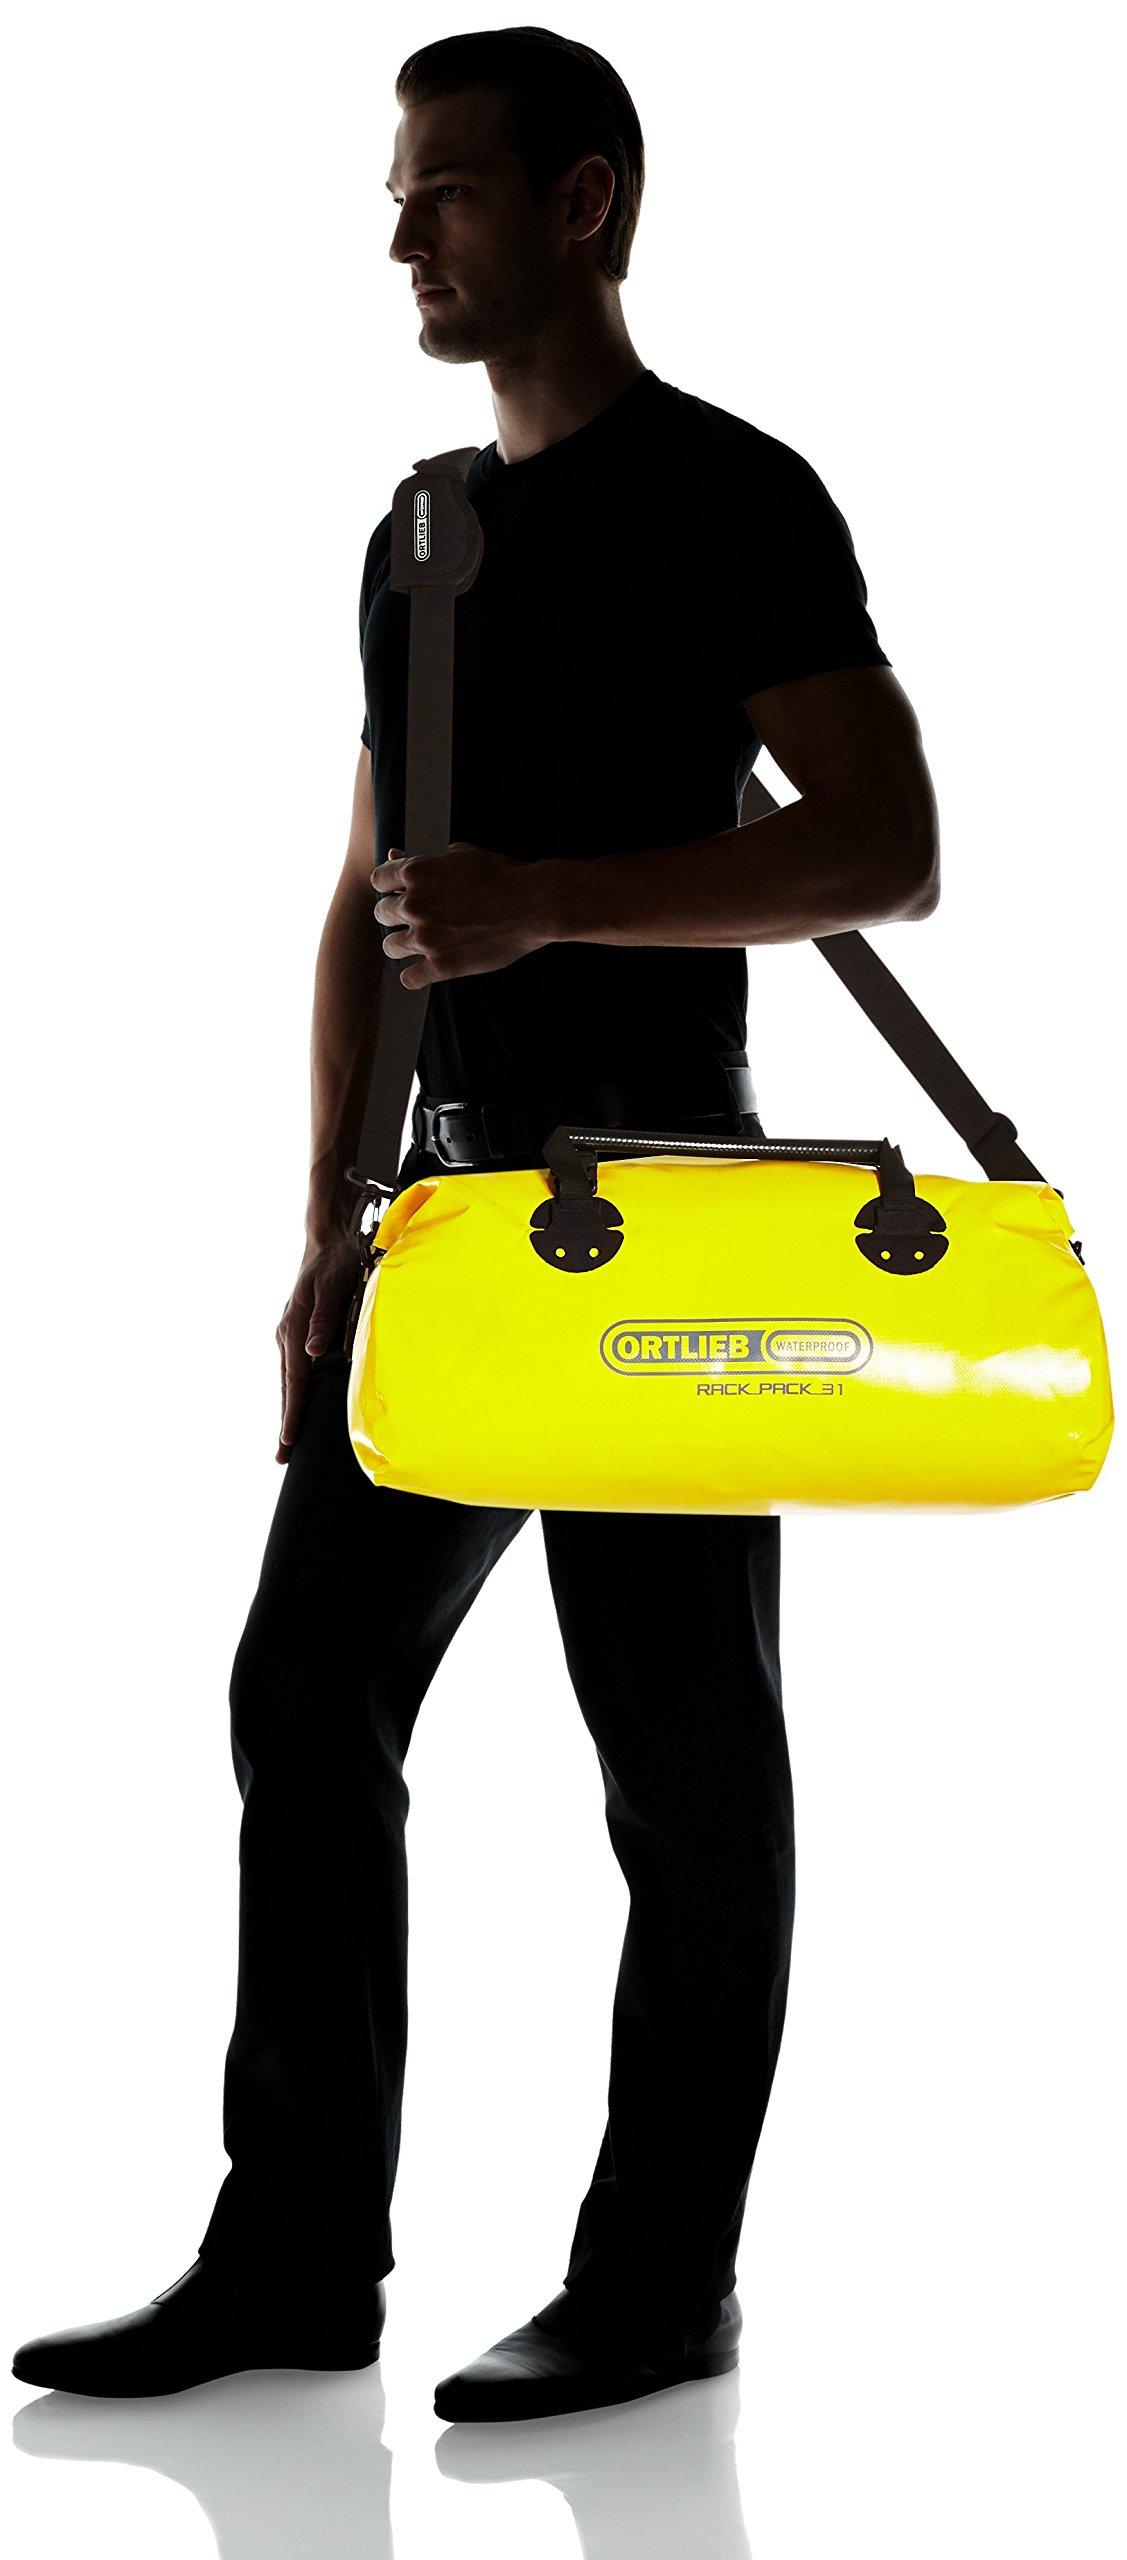 Ortlieb - Bolsa de Deporte (34 x 61 x 32 cm) Amarillo Amarillo Talla:34x61x32: Amazon.es: Deportes y aire libre